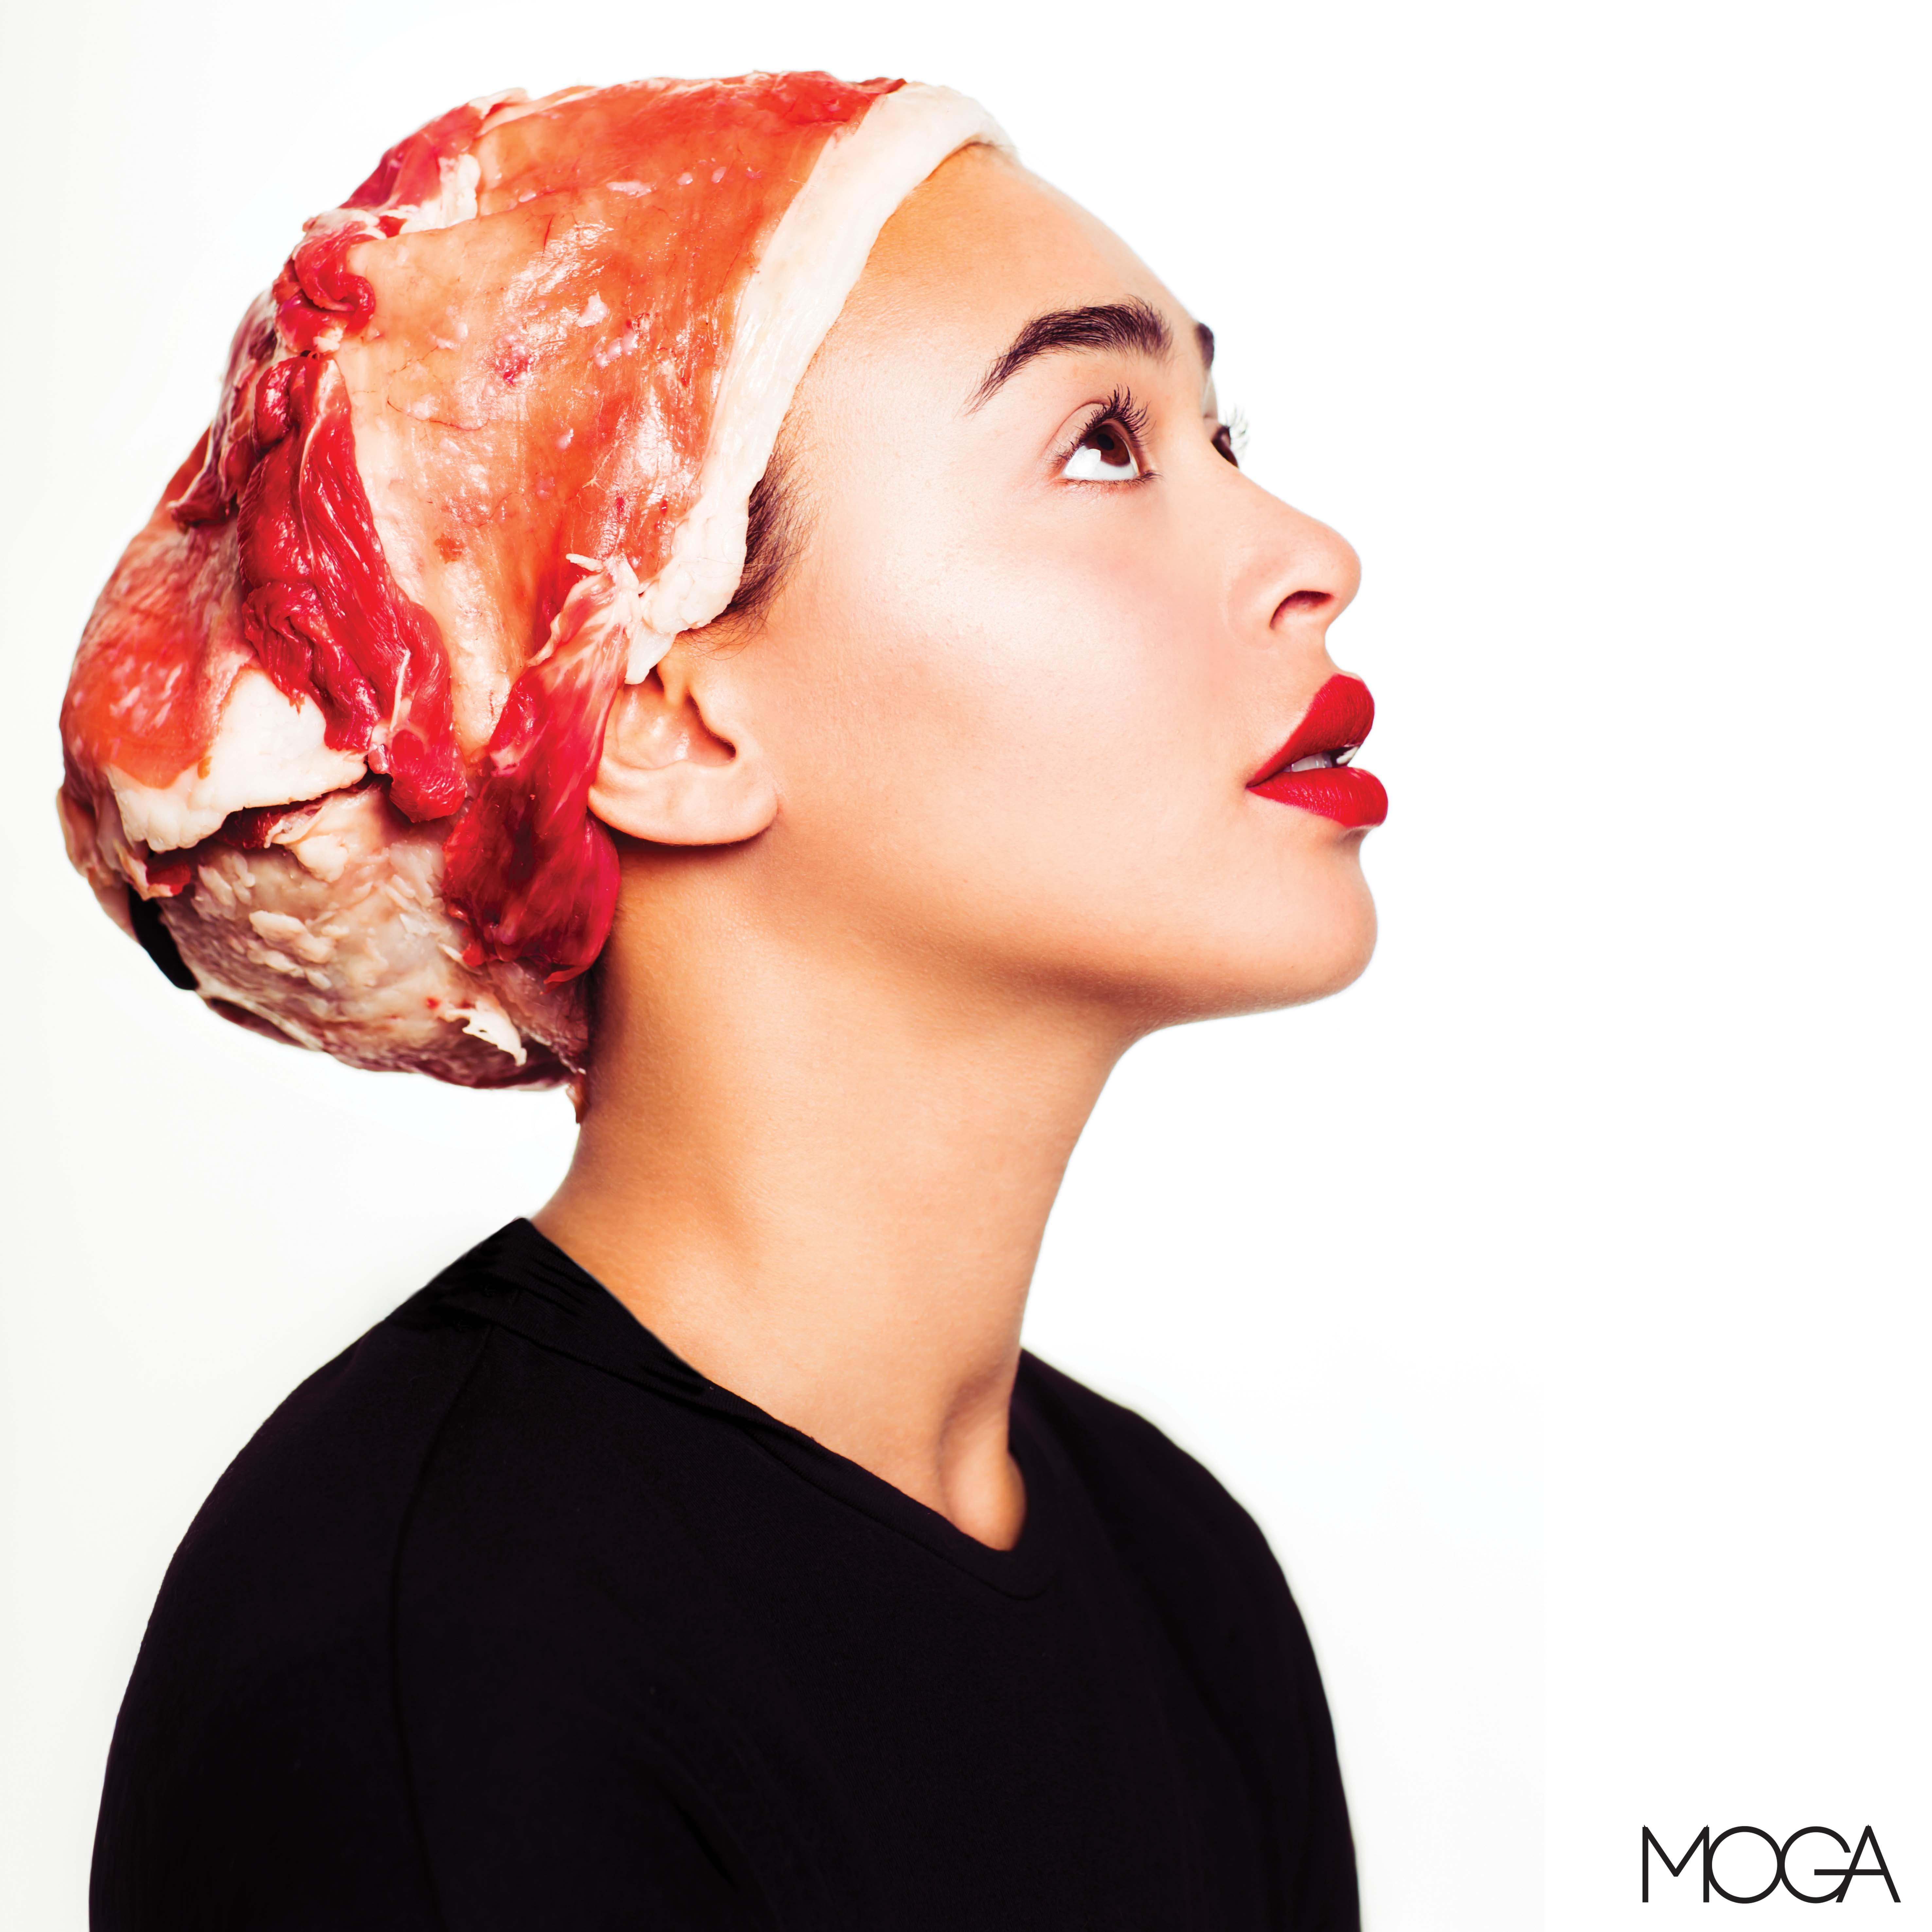 MOGA 1